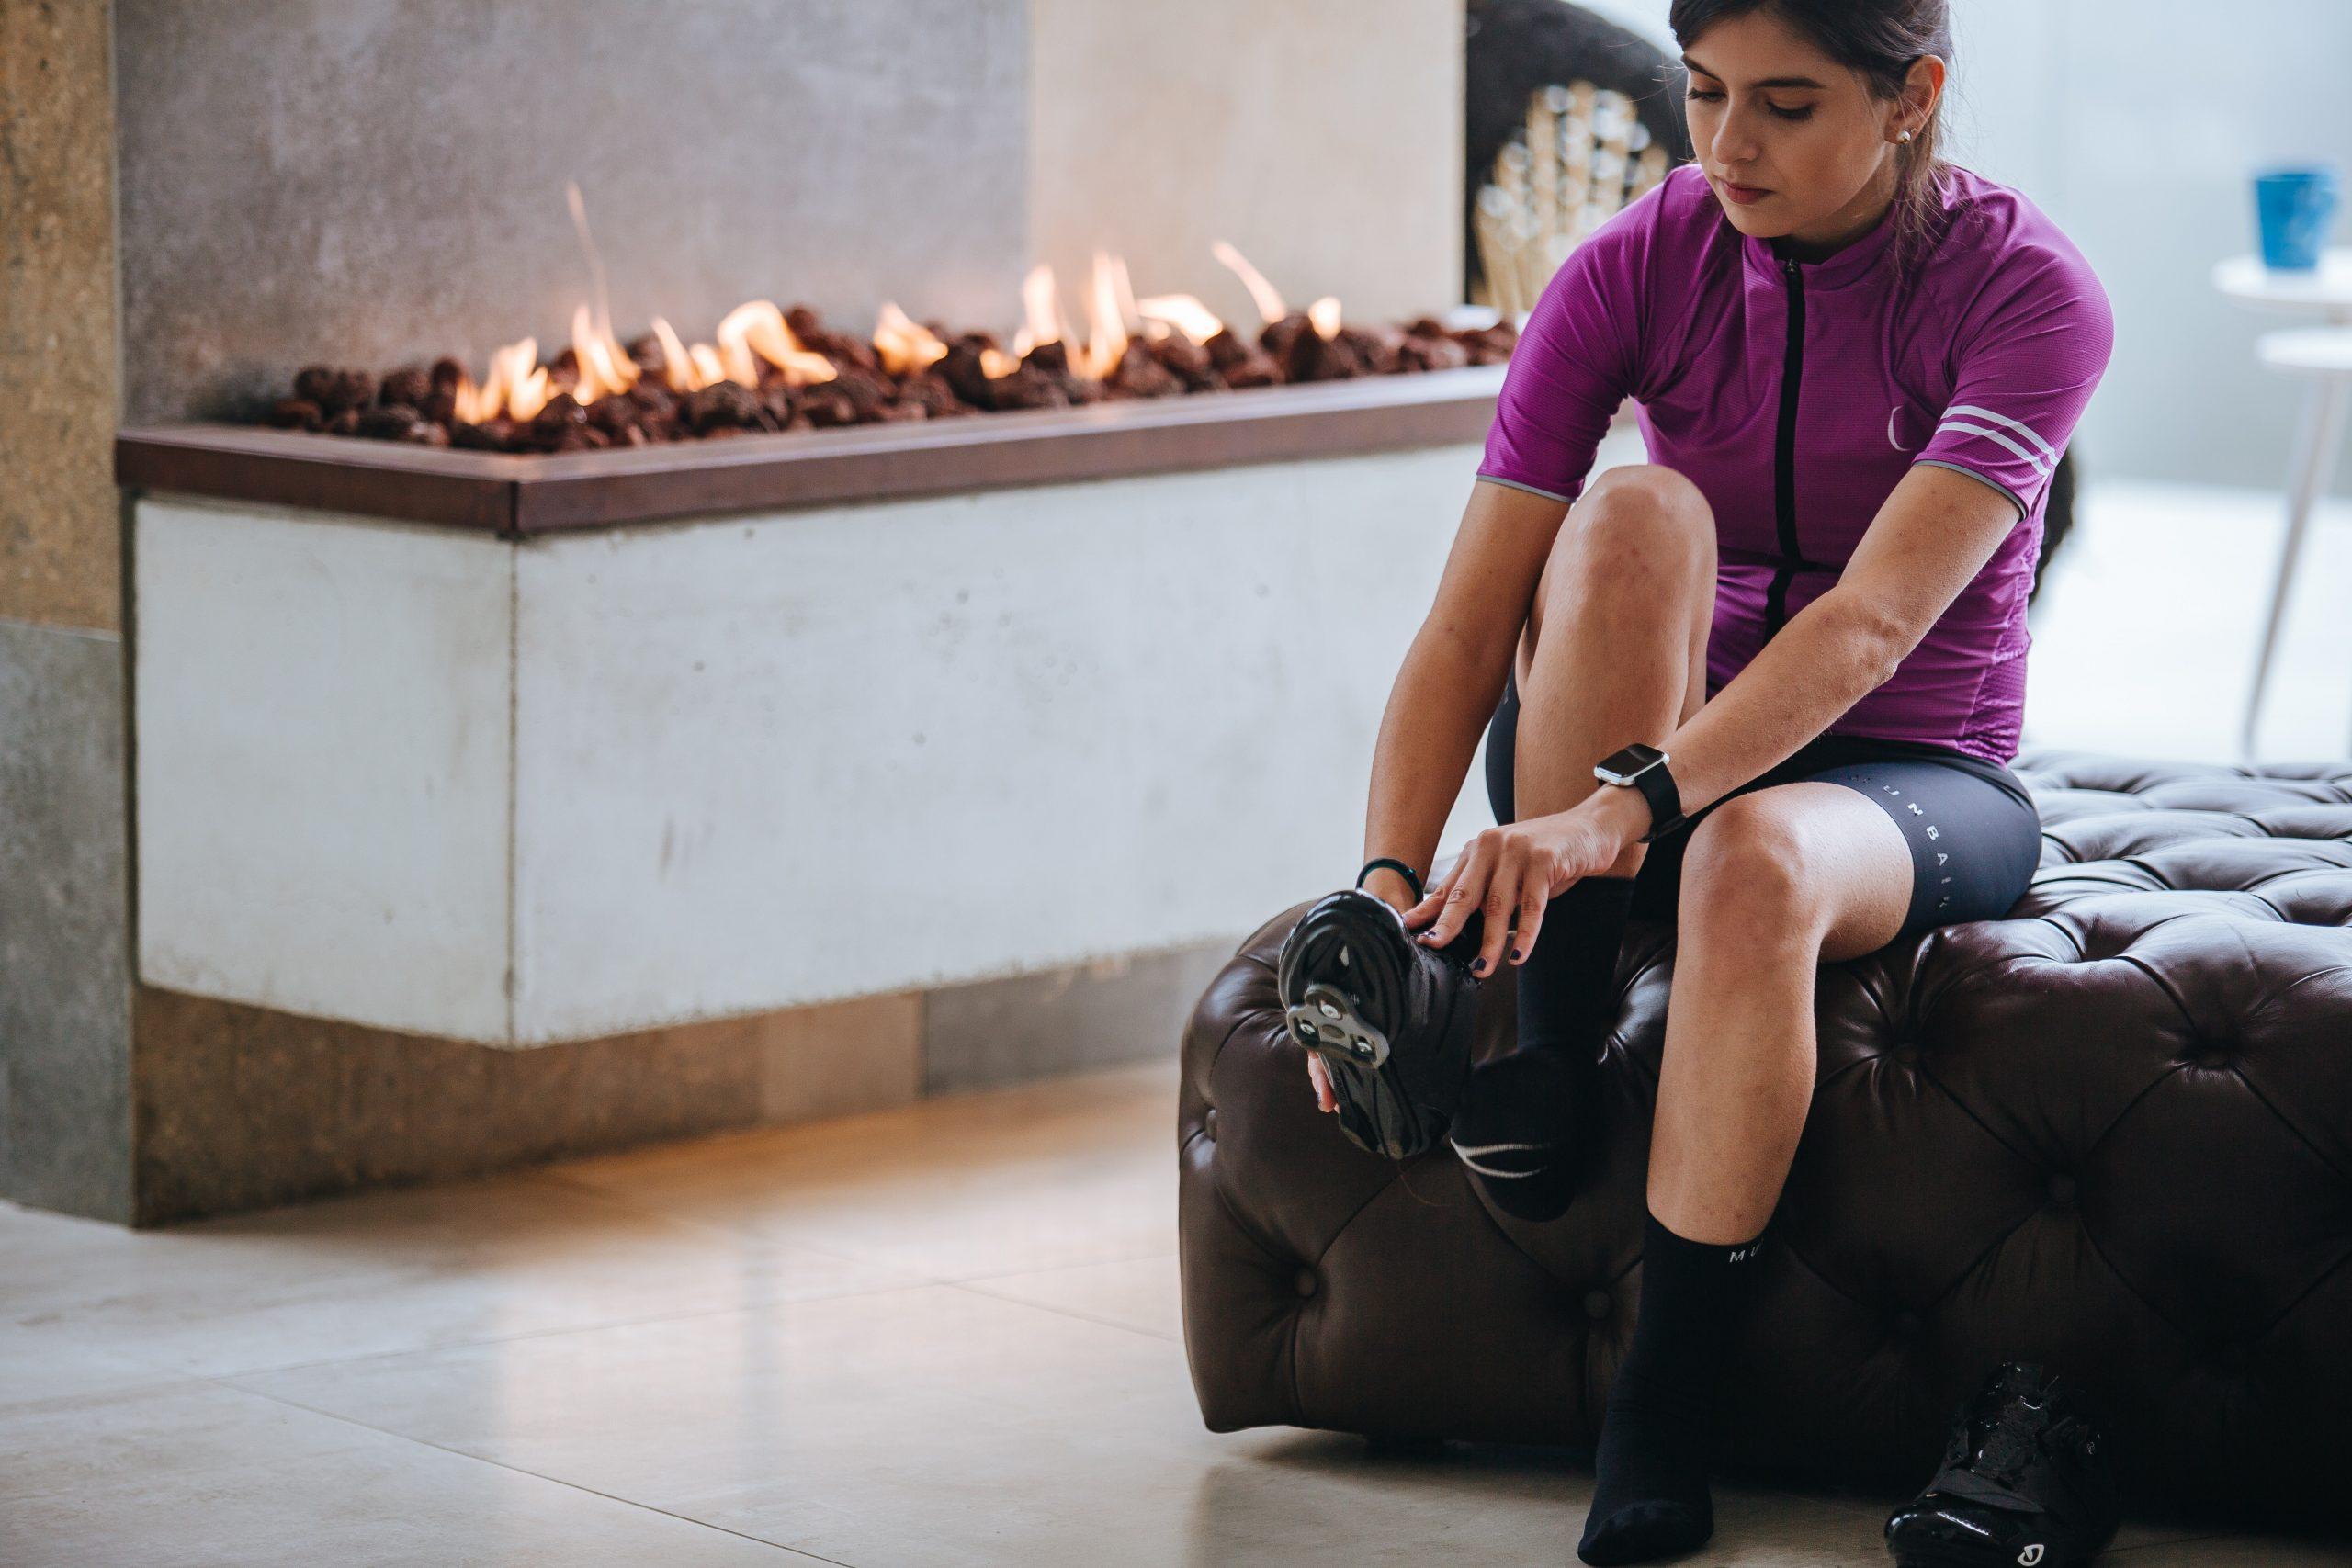 Mulher sentada no sofá com roupa de ciclismo colocando seu tênis